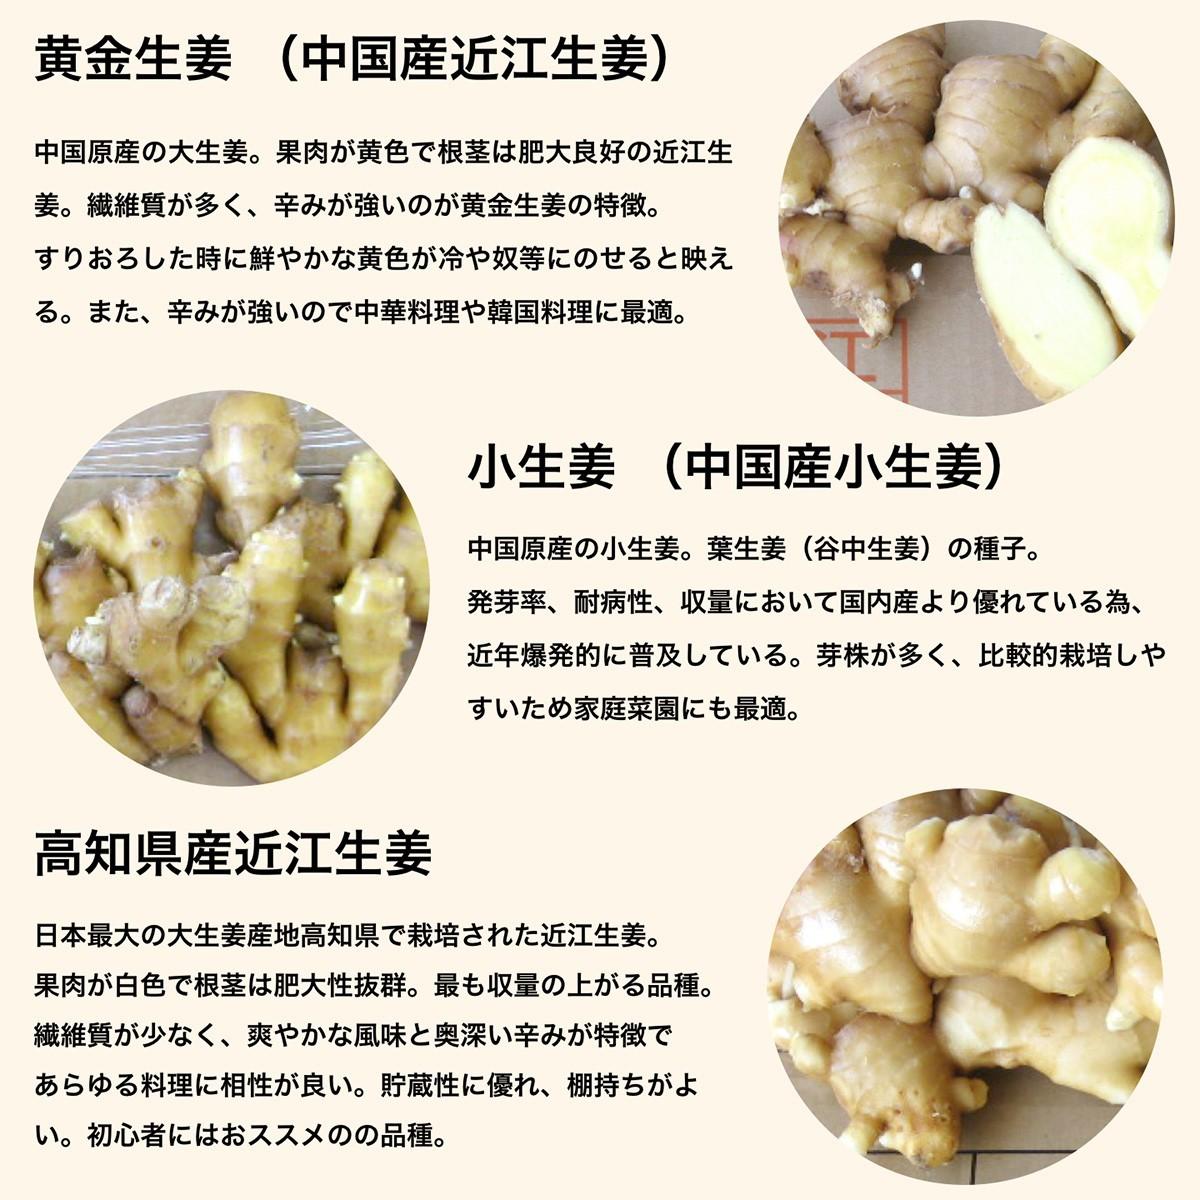 黄金生姜 (中国産近江生姜):中国原産の大生姜。果肉が黄色で根茎は肥大良好の近江生姜。繊維質が多く、辛みが強いのが黄金生姜の特徴。すりおろした時に鮮やかな黄色が冷や奴等にのせると映える。また、辛みが強いので中華料理や韓国料理に最適。;小生姜 (中国産小生姜):中国原産の小生姜。葉生姜(谷中生姜)の種子。発芽率、耐病性、収量において国内産より優れている為、近年爆発的に普及している。芽株が多く、比較的栽培しやすいため家庭菜園にも最適。 ;完熟種生姜 (タイ産近江生姜):品種は近江生姜の白。11月の収穫期に再度土寄せを行い、穂が倒れた後も圃場で翌年2月まで追熟させた種子用近江生姜です。完熟しているので果肉は灰色っぽく、硬く、やや乾燥気味です。完熟種子は、発芽後の生育に差が出ます。;高知県産近江生姜:日本最大の大生姜産地高知県で栽培された近江生姜。果肉が白色で根茎は肥大性抜群。最も収量の上がる品種。繊維質が少なく、爽やかな風味と奥深い辛みが特徴であらゆる料理に相性が良い。貯蔵性に優れ、棚持ちがよい。初心者にはおススメのの品種。;千葉県産近江生姜:千葉県の北総台地(成田・富里・八街・山武地区)で栽培された大生姜。果肉が白色で根茎は肥大良好の近江生姜。比較的繊維質が少なく、マイルドで上品な辛みで風味は強い。酢漬けにすると自然な薄いピンクに染まるので、新生姜で使用するガリや日本料理に最適な品種。;千葉県産三州生姜:千葉県の北総台地(成田・富里・八街・山武地区)で栽培された小生姜。年々栽培面積が減少し希少価値の高い純国産の三州生姜。白芽の葉生姜(谷中生姜)の種子。;千葉県産金時生姜:赤芽、小生姜。日本独自の品種で希少価値の高い生姜。三州生姜と比べてもやや小ぶりで、香りと辛味が大変強いのが特徴。香りの成分ガラノラクトン、辛味成分ショーガオール、ジンゲロールが一般の生姜の4倍以上含まれている。矢生姜(はじかみ)や粉末生姜にてきした品種。